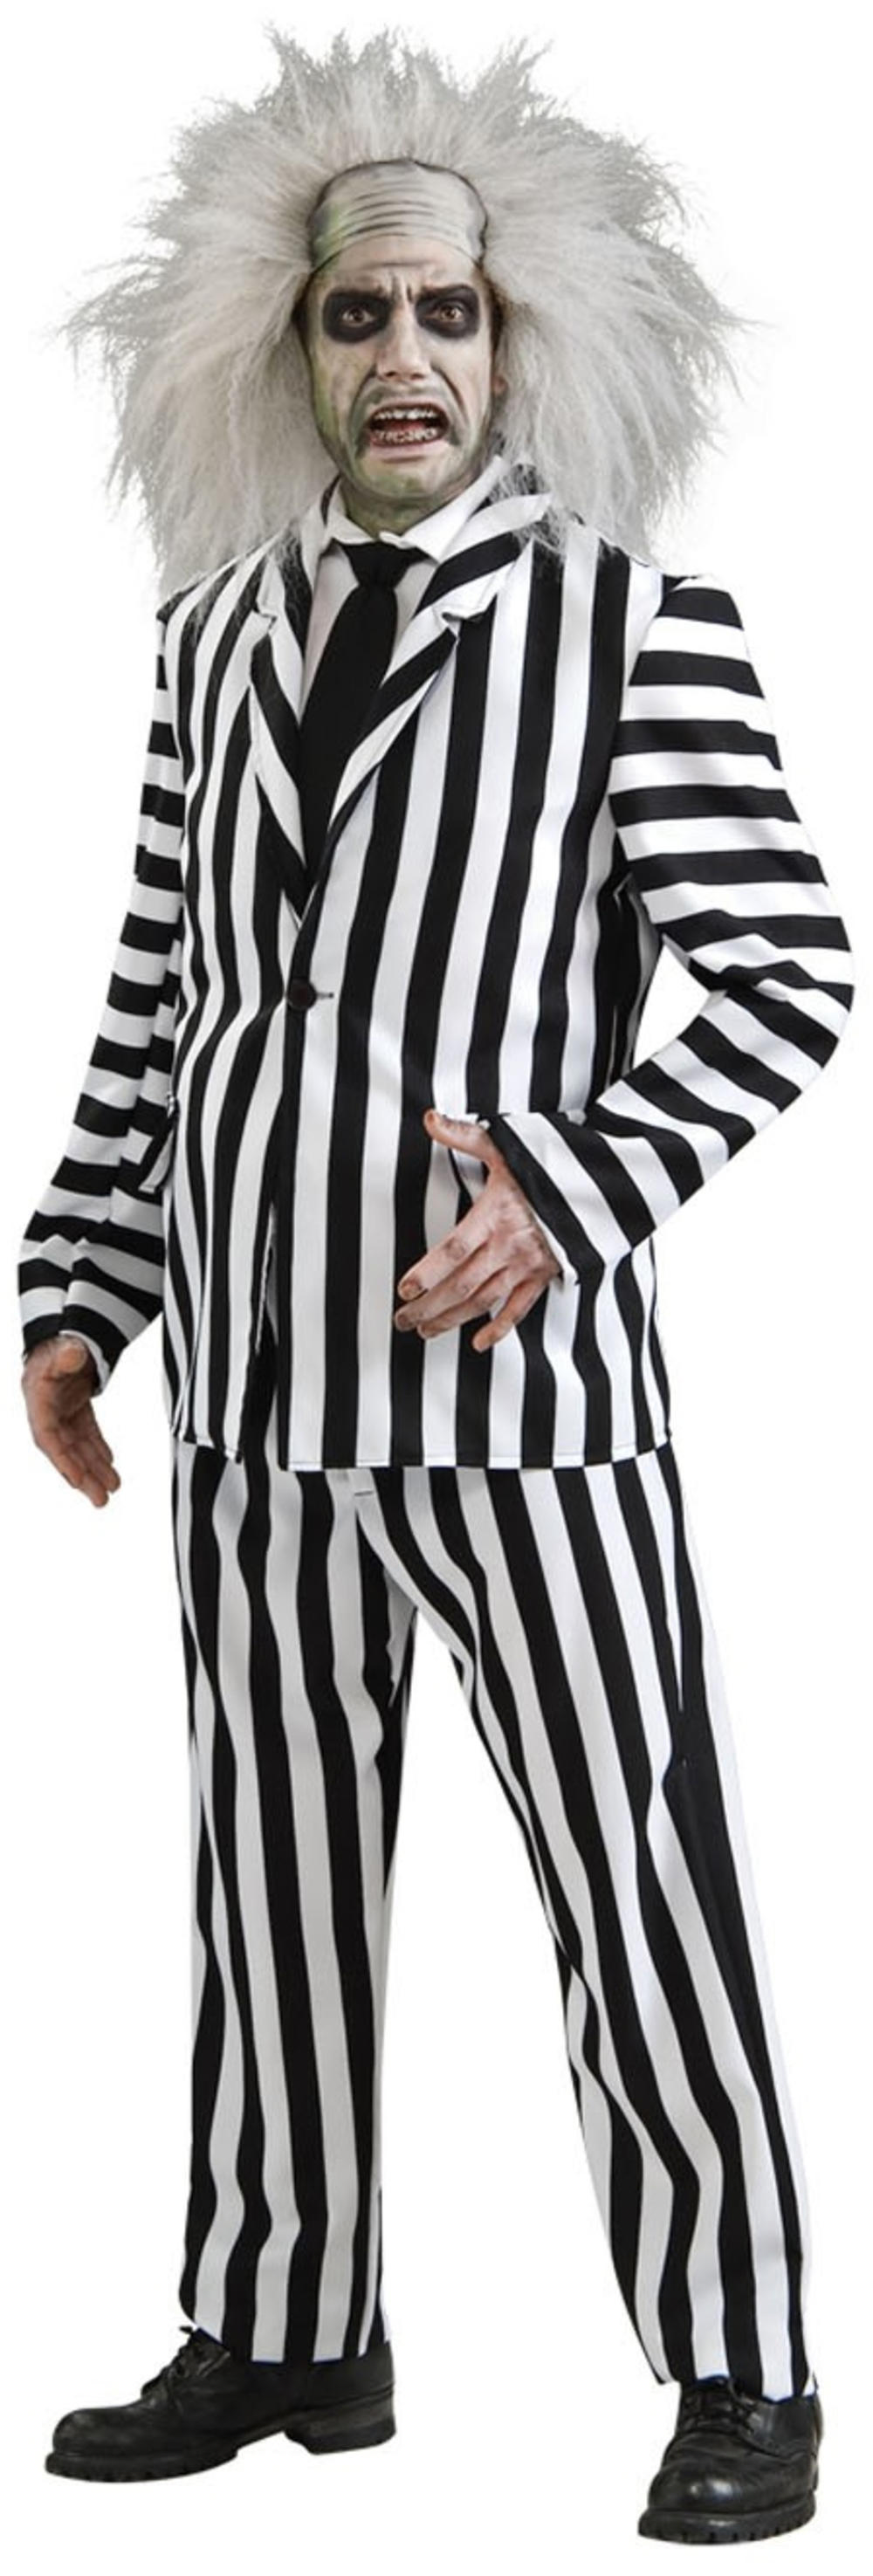 Deluxe Beetlejuice Mens Halloween Fancy Dress Tim Burton Movie Adult Costume New